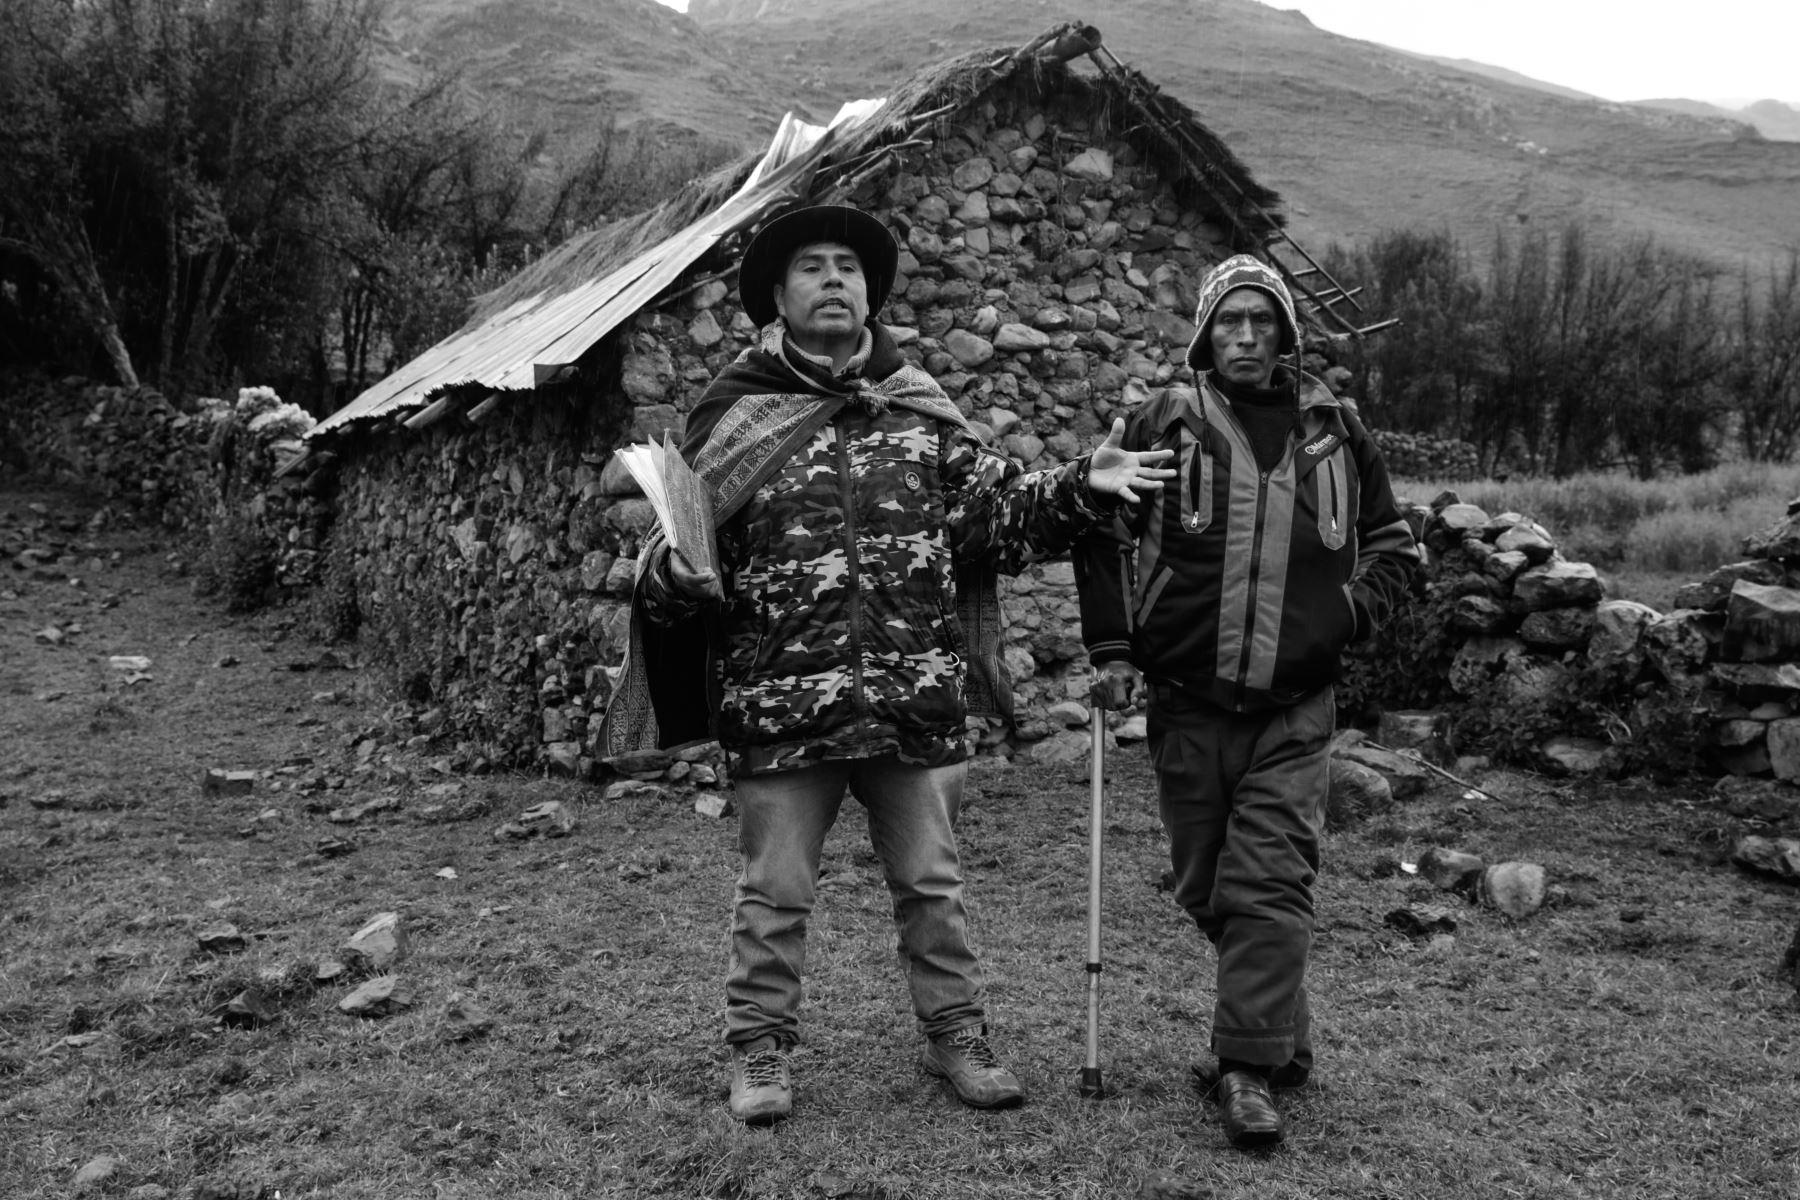 """Se demoró 35 años en volver a Llacchua.  Dimicio Muñoz Limaquispe cuenta: """"Ahora estoy regresando para poder enterrar a mi padre y mi madre"""". Él se fue de la comunidad cuando tenía solo cinco años y asesinaron a sus padres. Foto: ANDINA/Jack Ramón"""